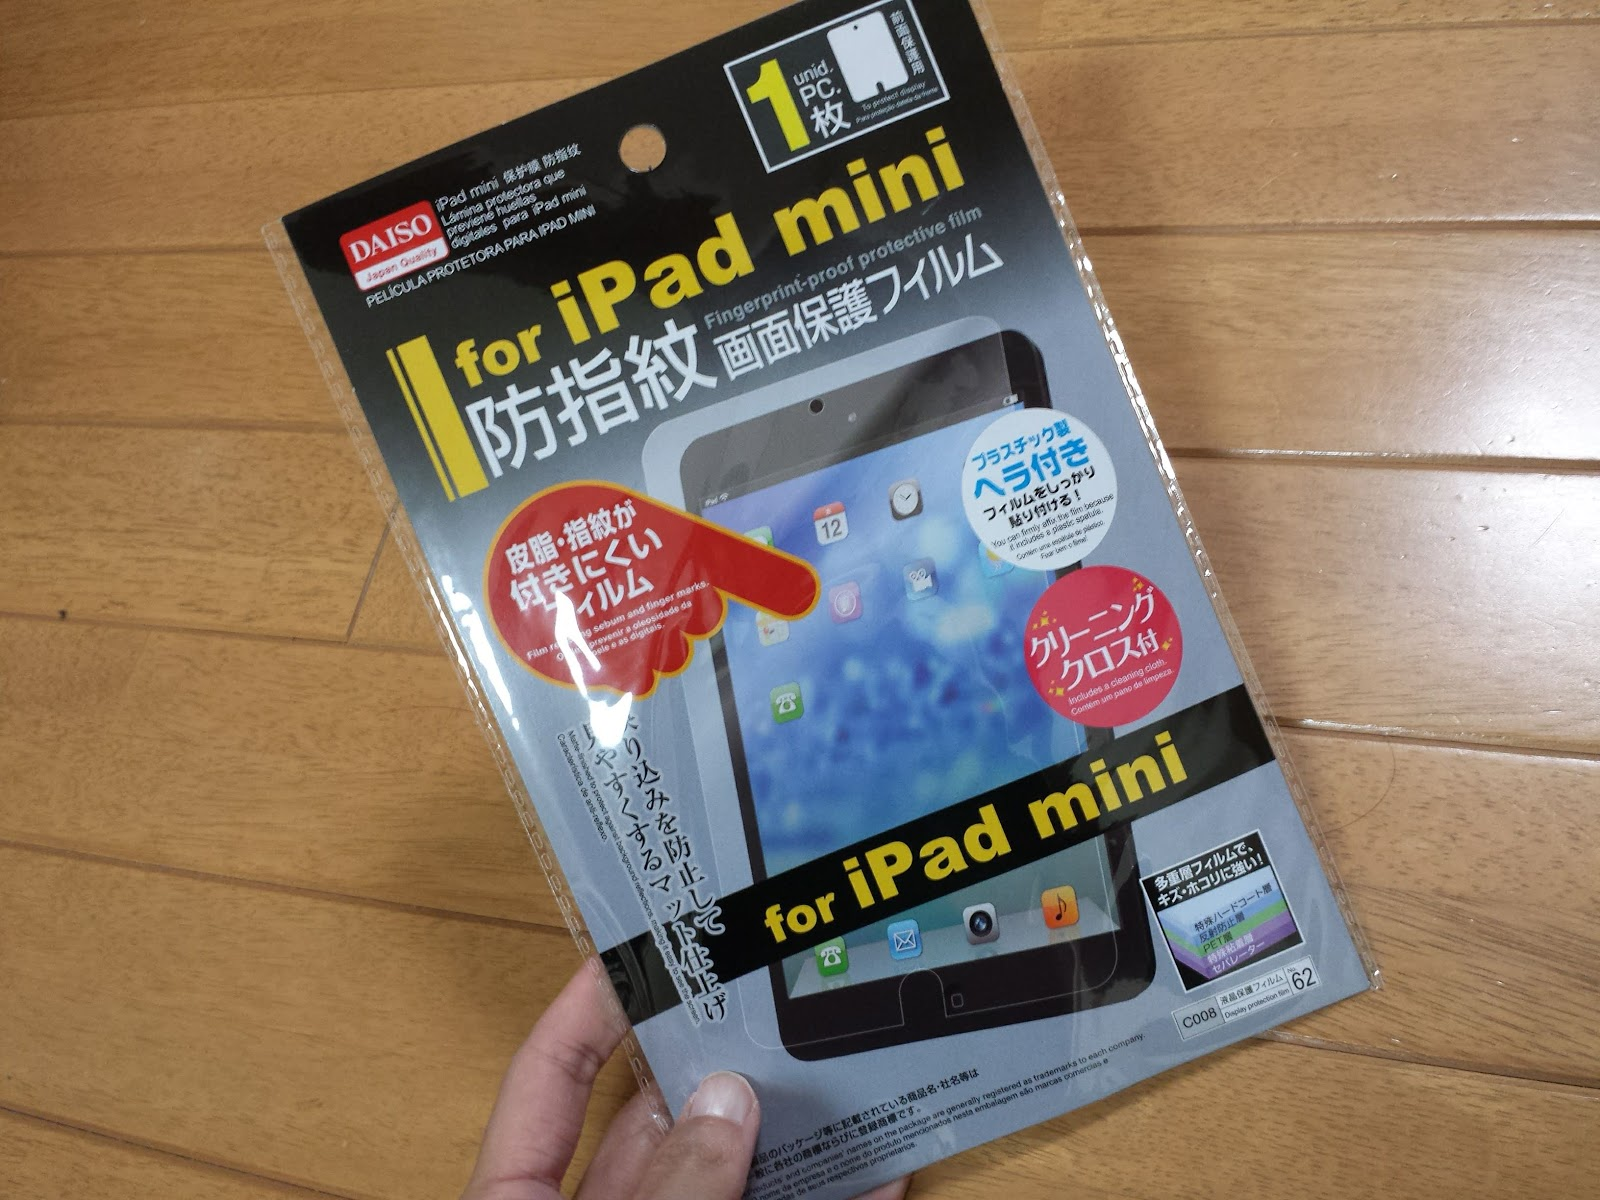 ダイソー100円でiPad mini用の液晶保護フィルムをゲット